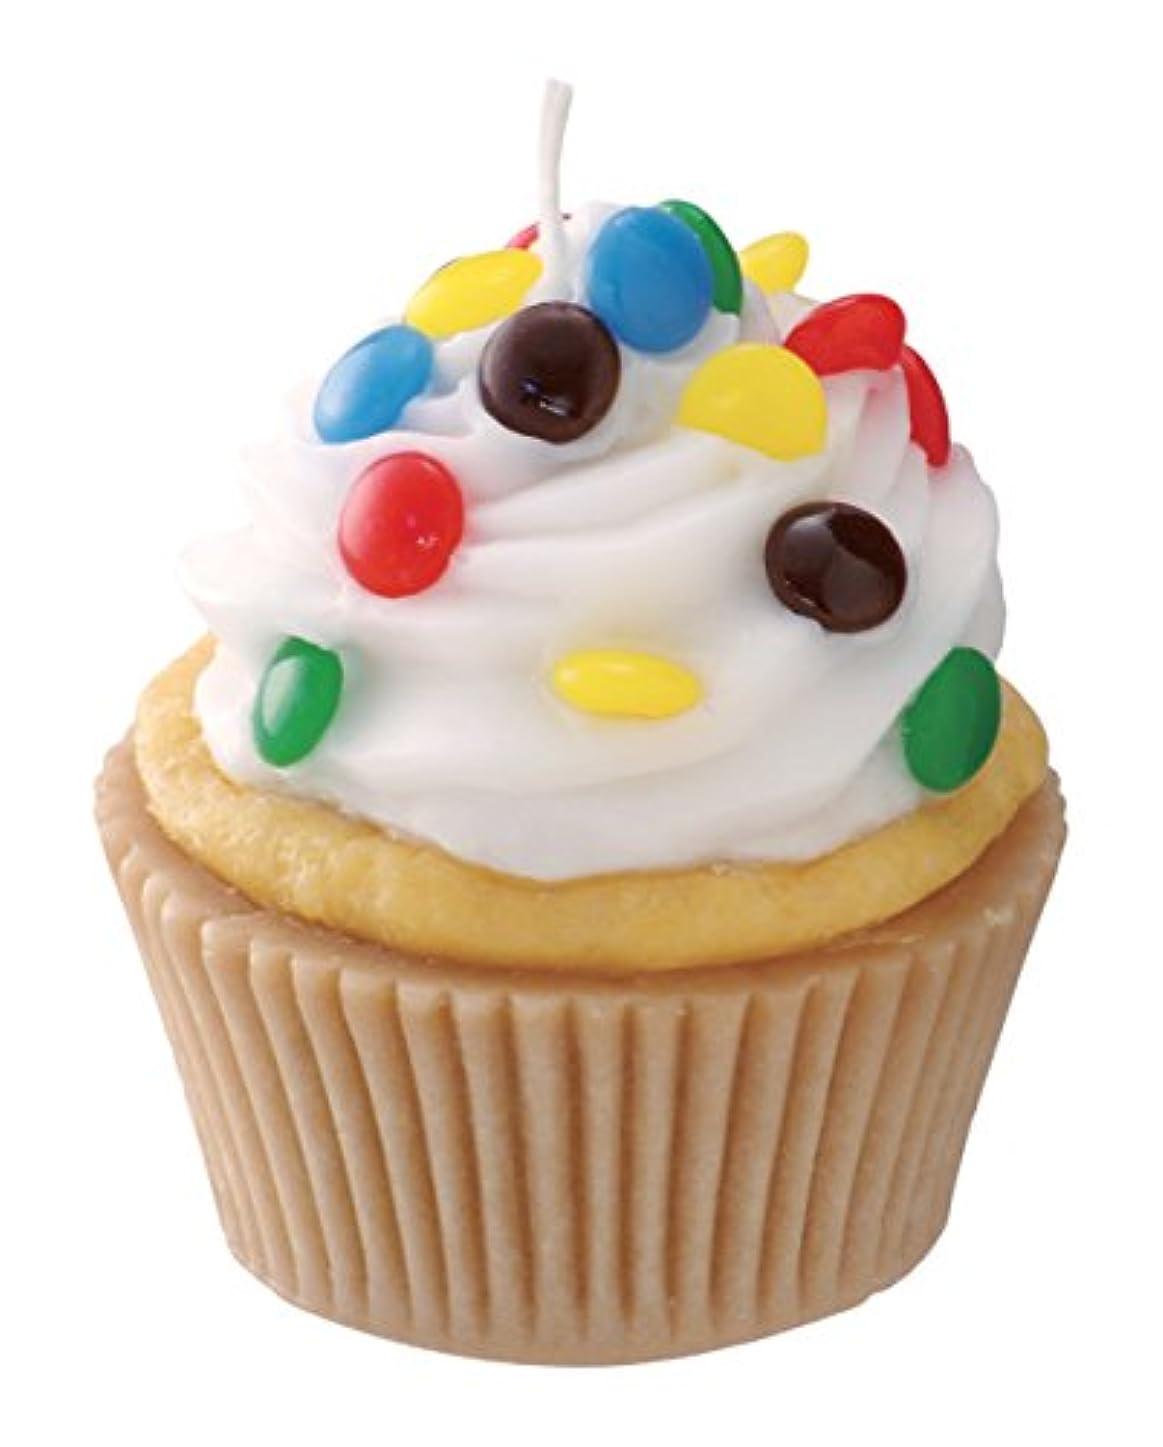 再開振り返るお金カメヤマキャンドルハウス 本物そっくり! アメリカンカップケーキキャンドル ホワイトクリーム チョコレートの香り